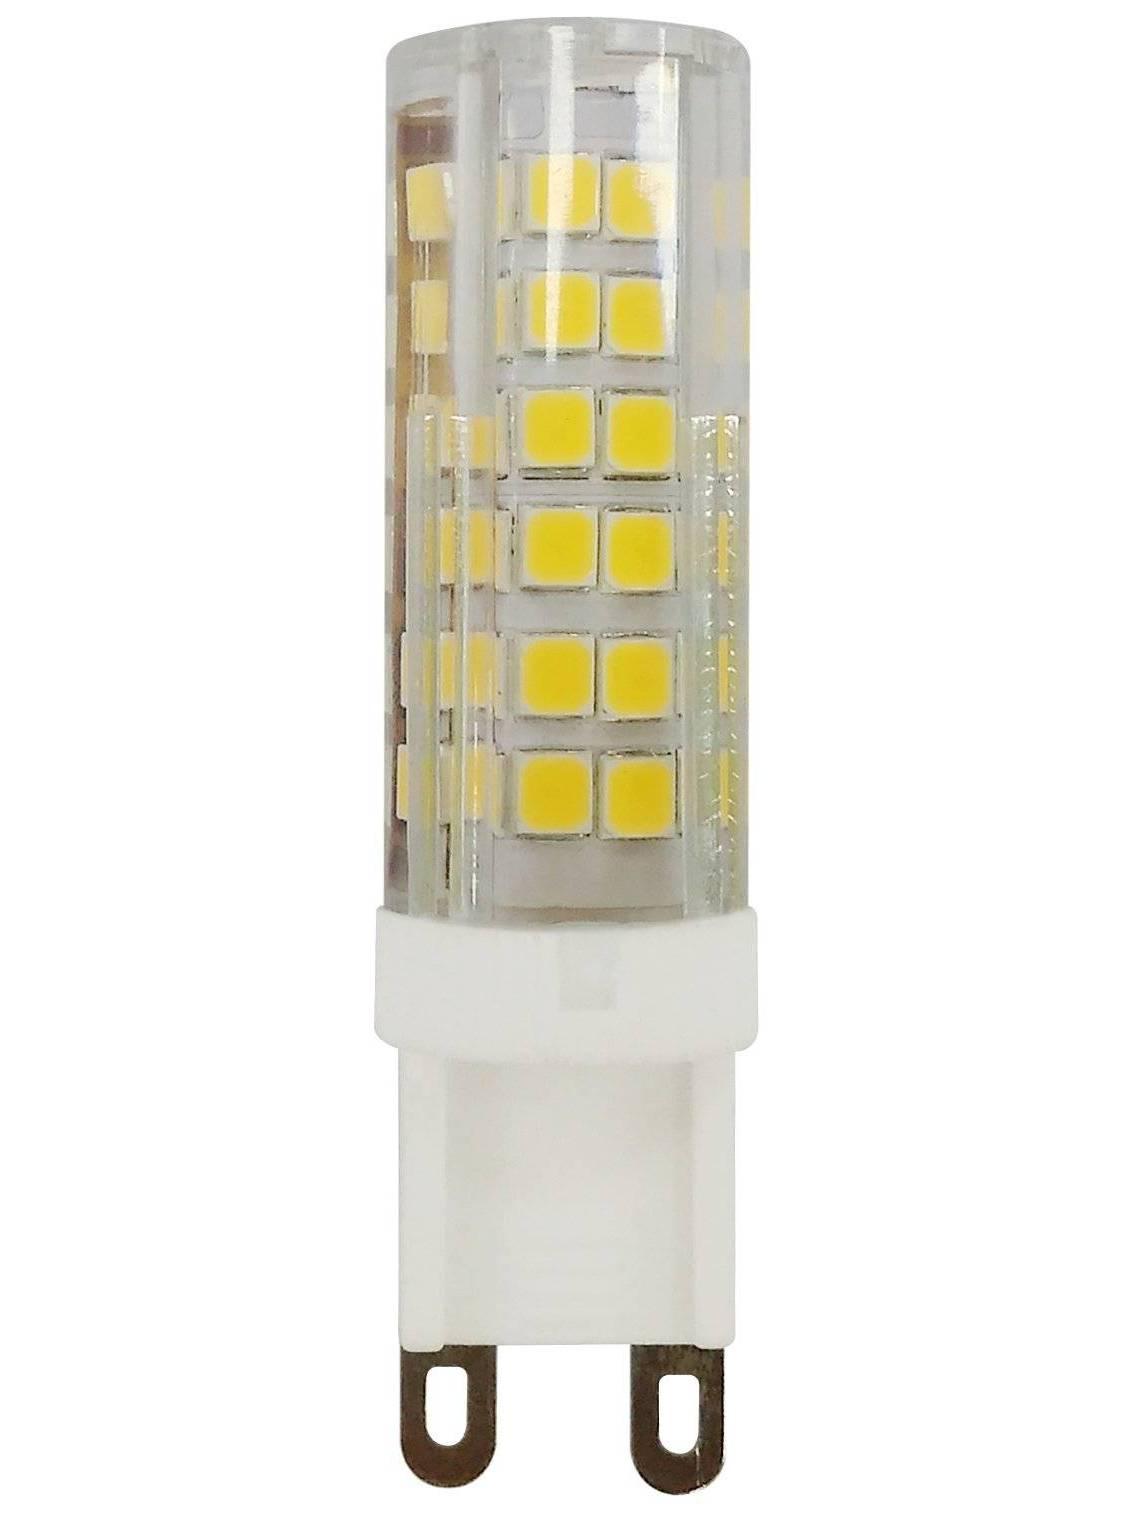 Lamp Led ERA Led SMD Jc-7w-220v-corn, Ceramics-827-g4 5055398604519